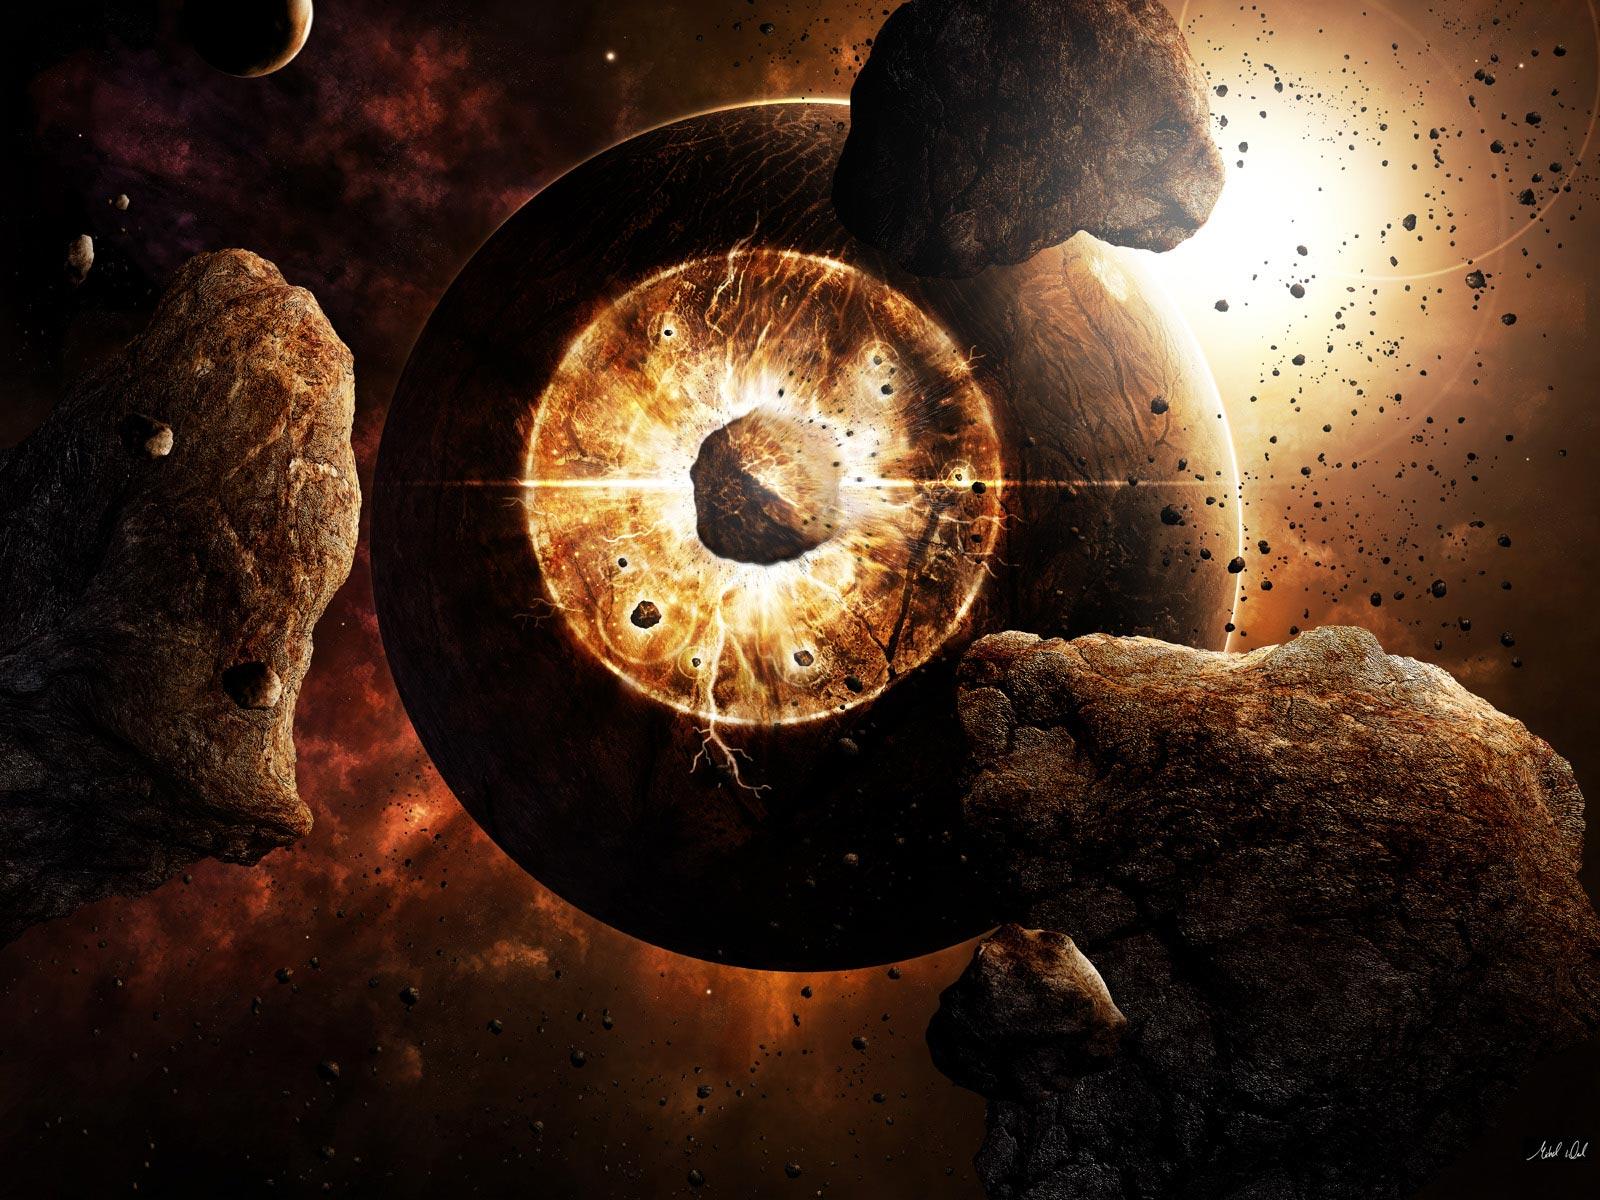 взрыв планеты, скачать фото, космос, обои для рабочего стола